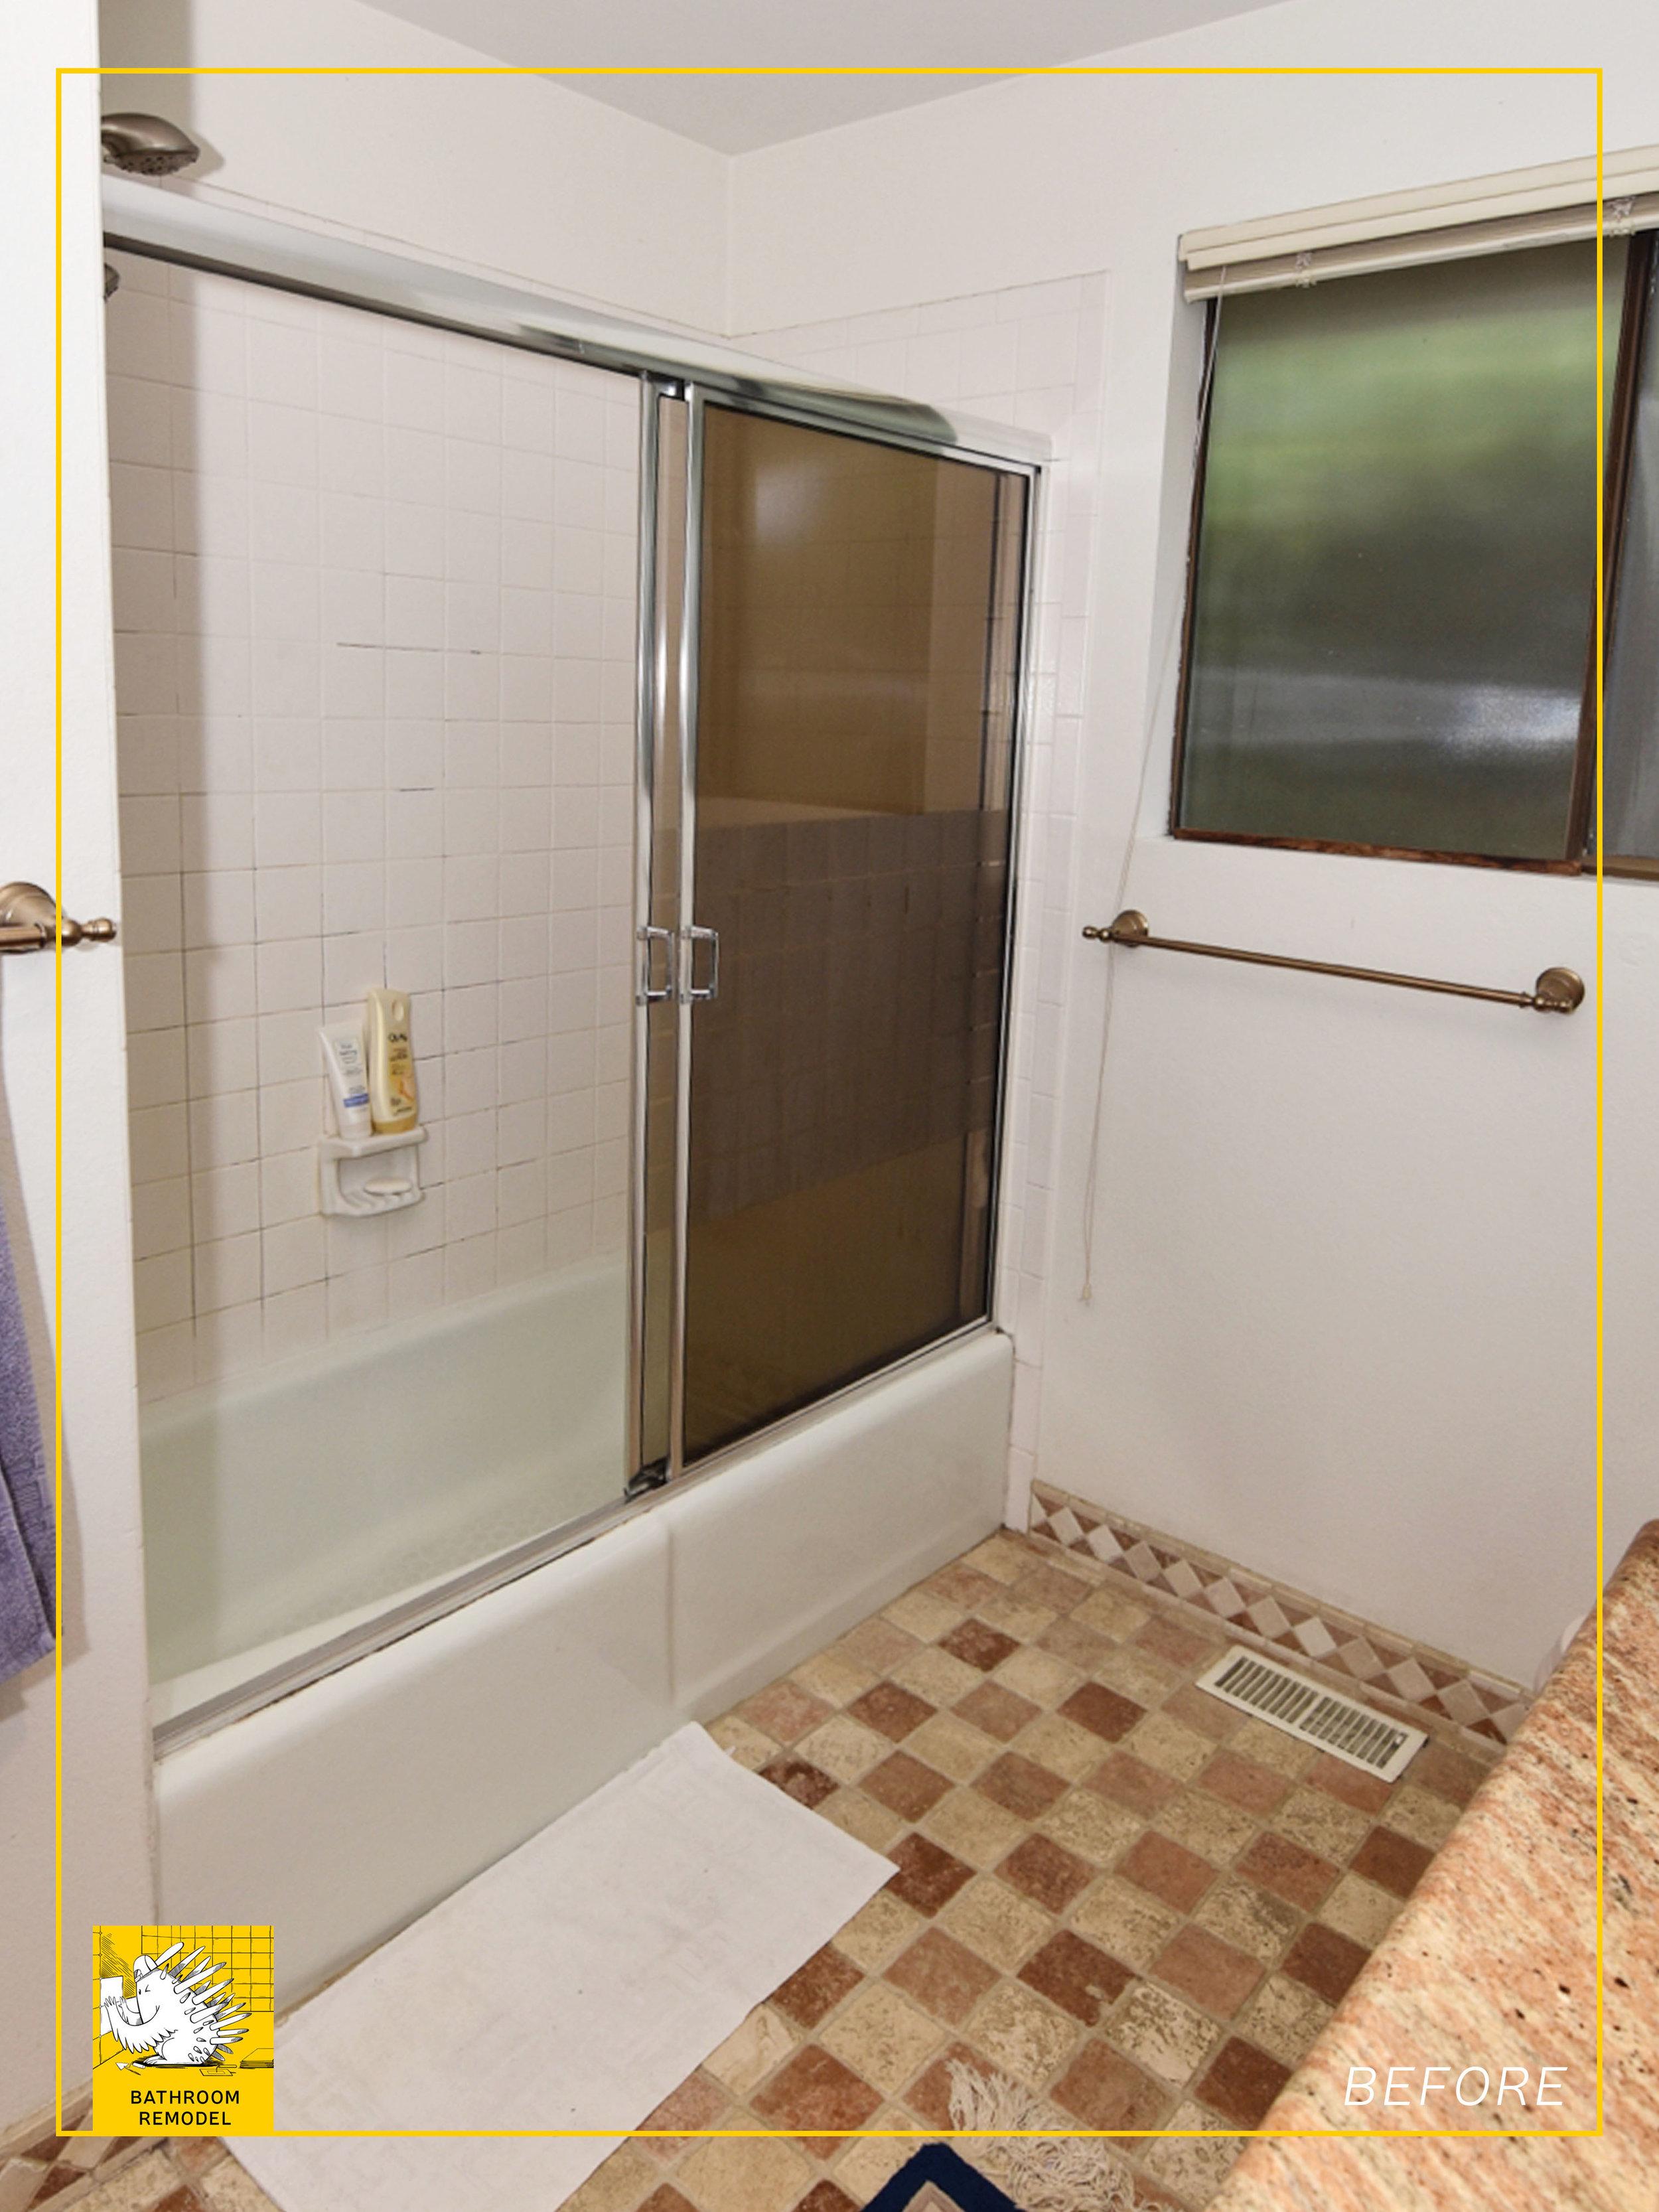 MT bathroom 2 before 2.jpg